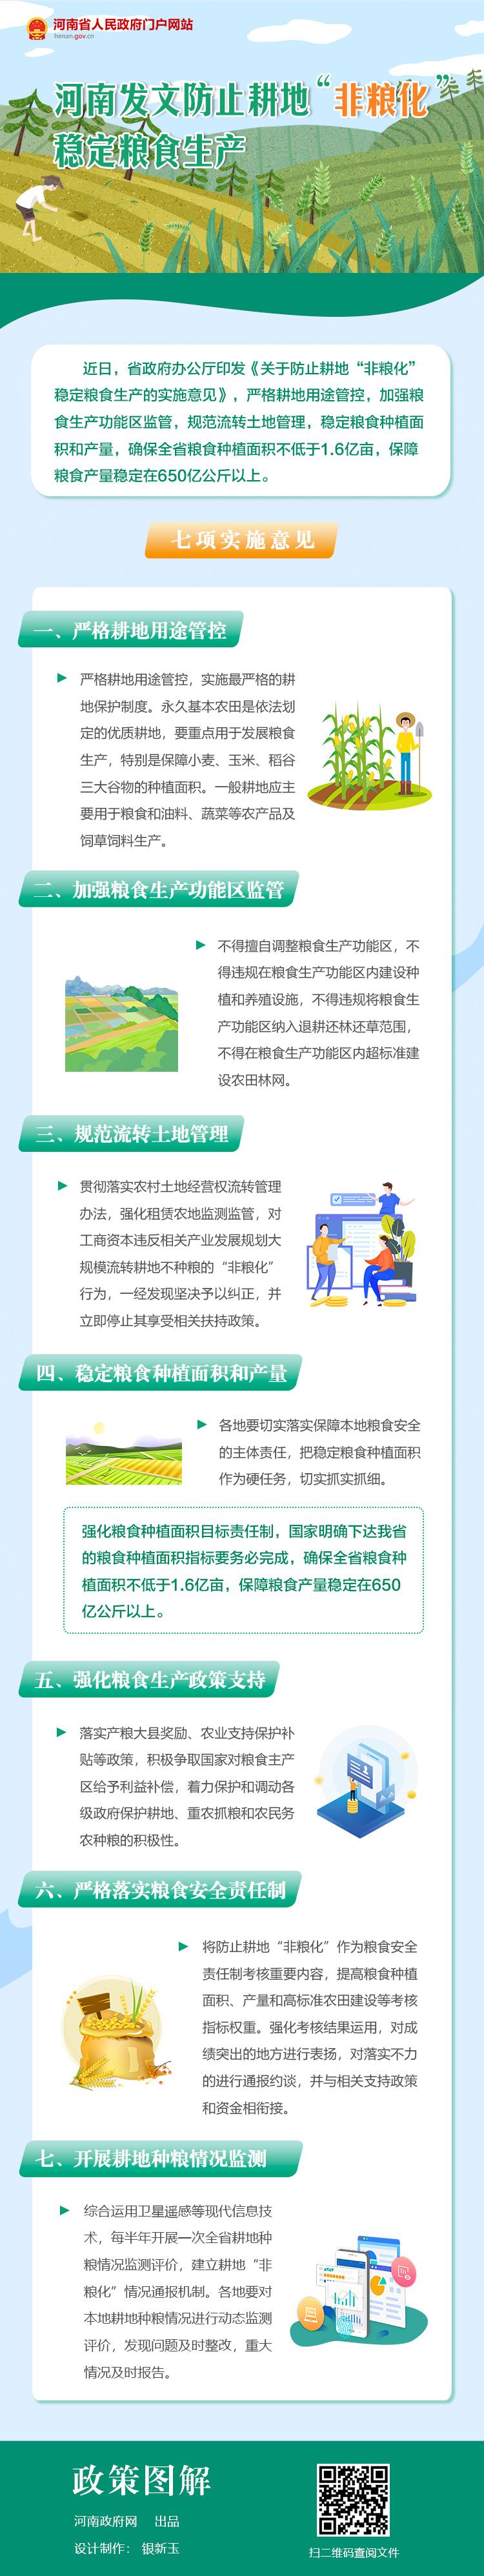 """图解:河南发文防止耕地""""非粮化""""稳定粮食生产"""